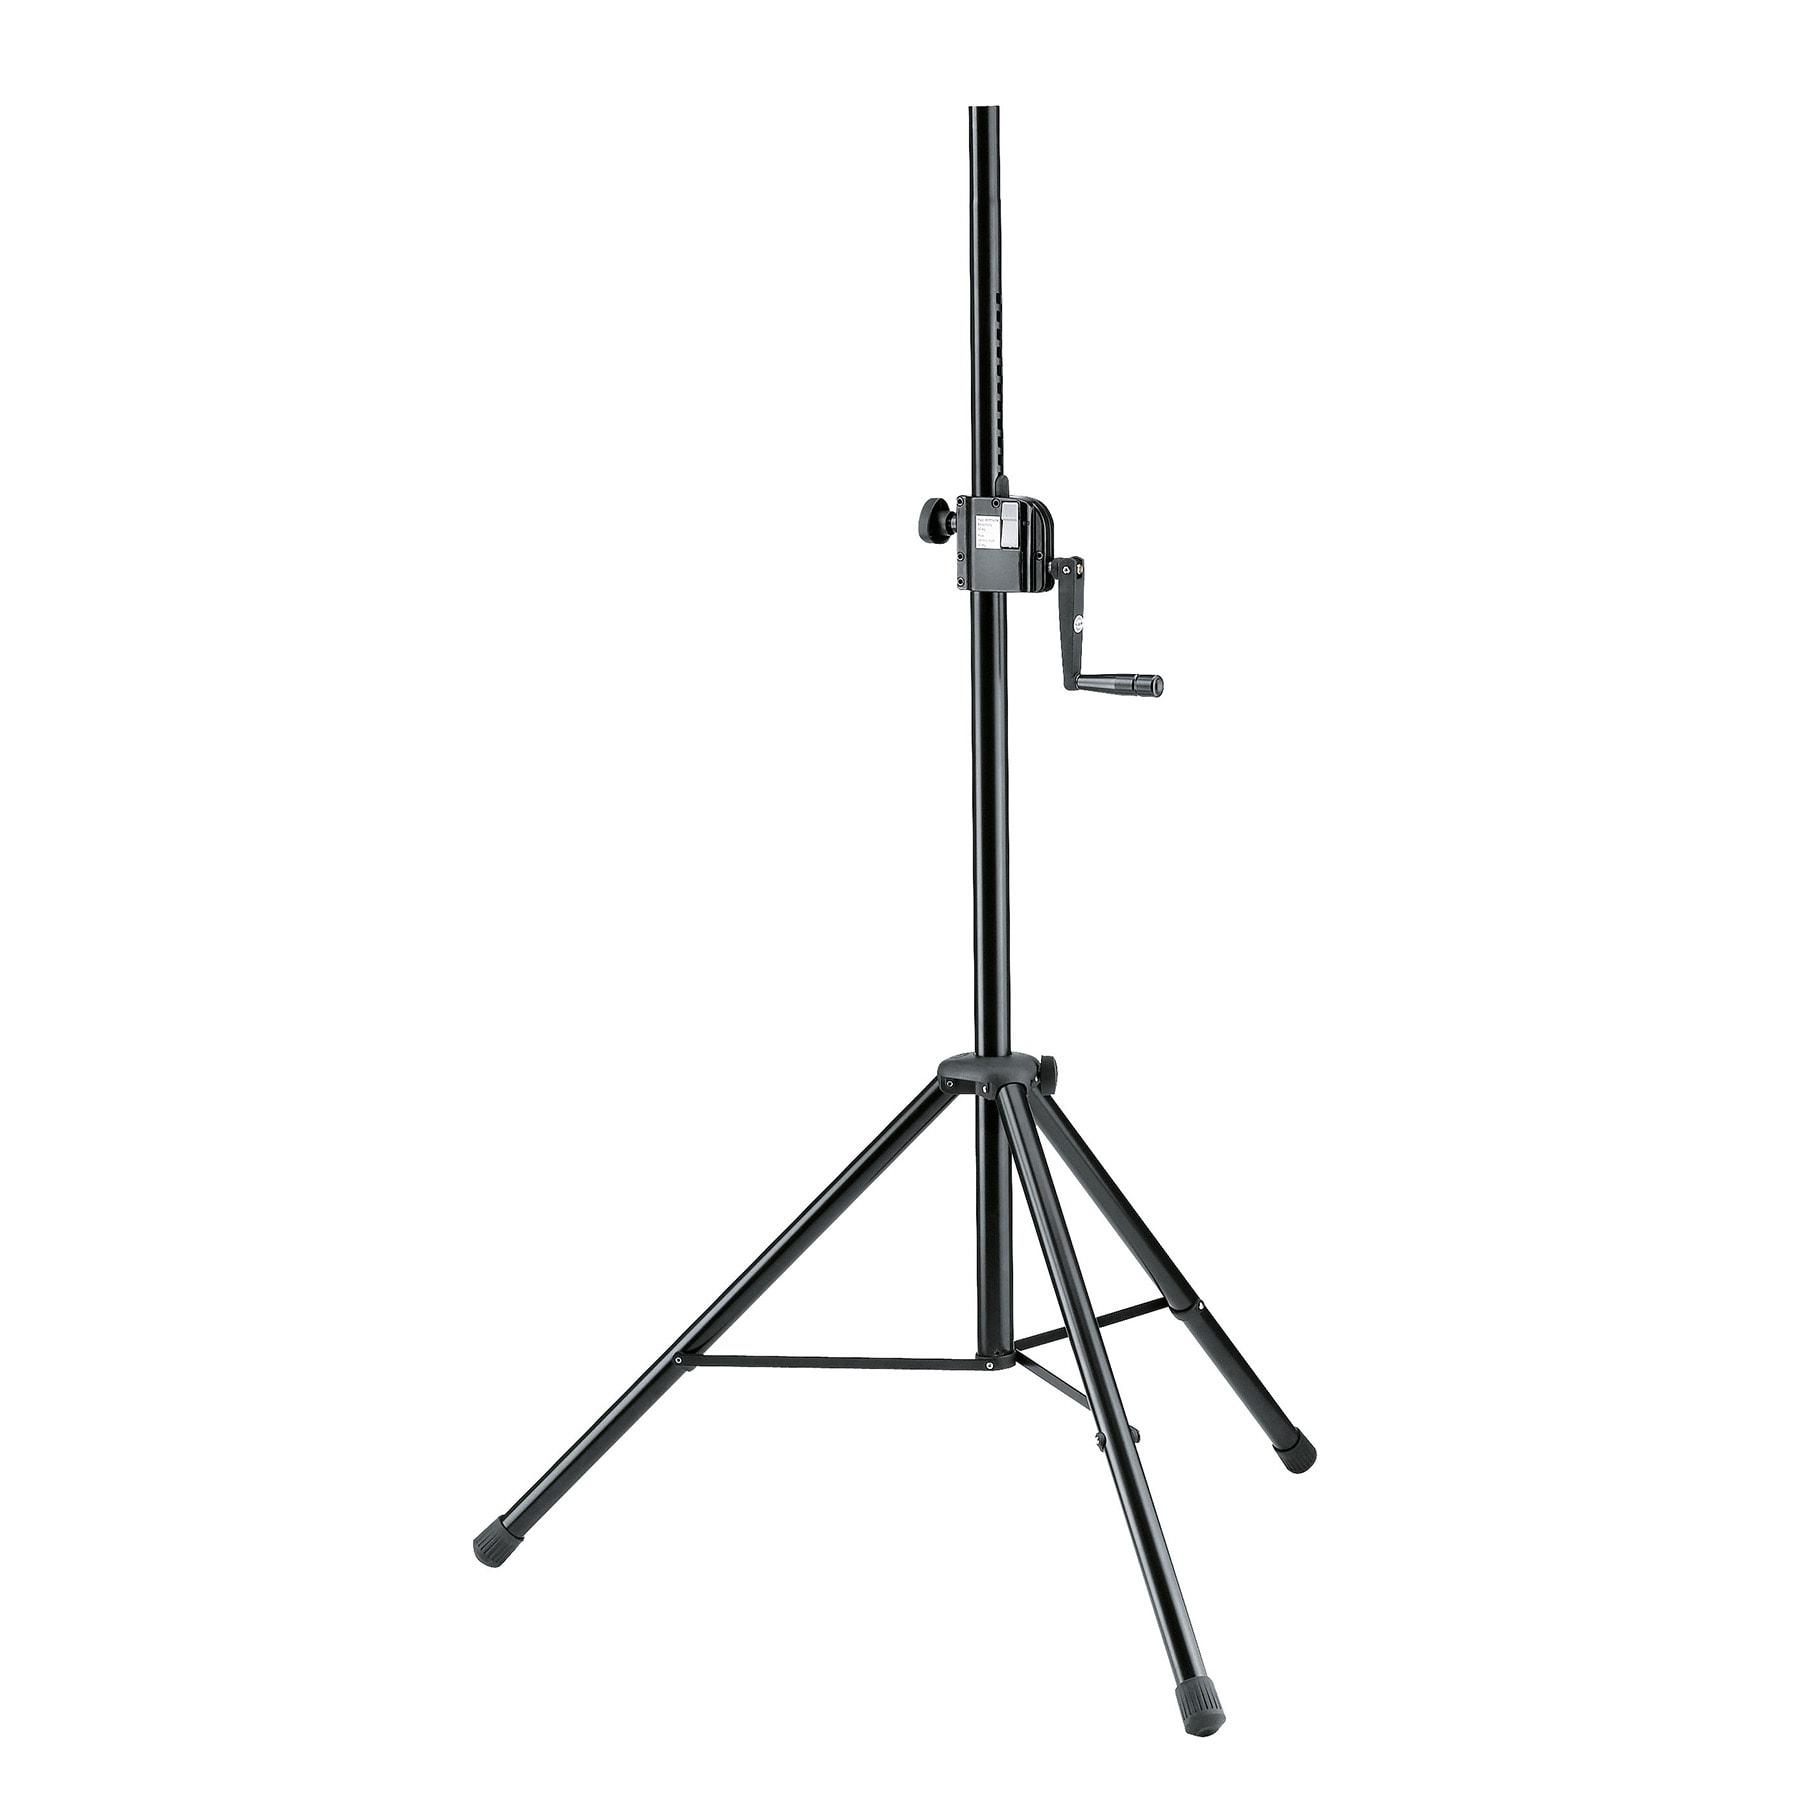 KM21302 - Speaker stand